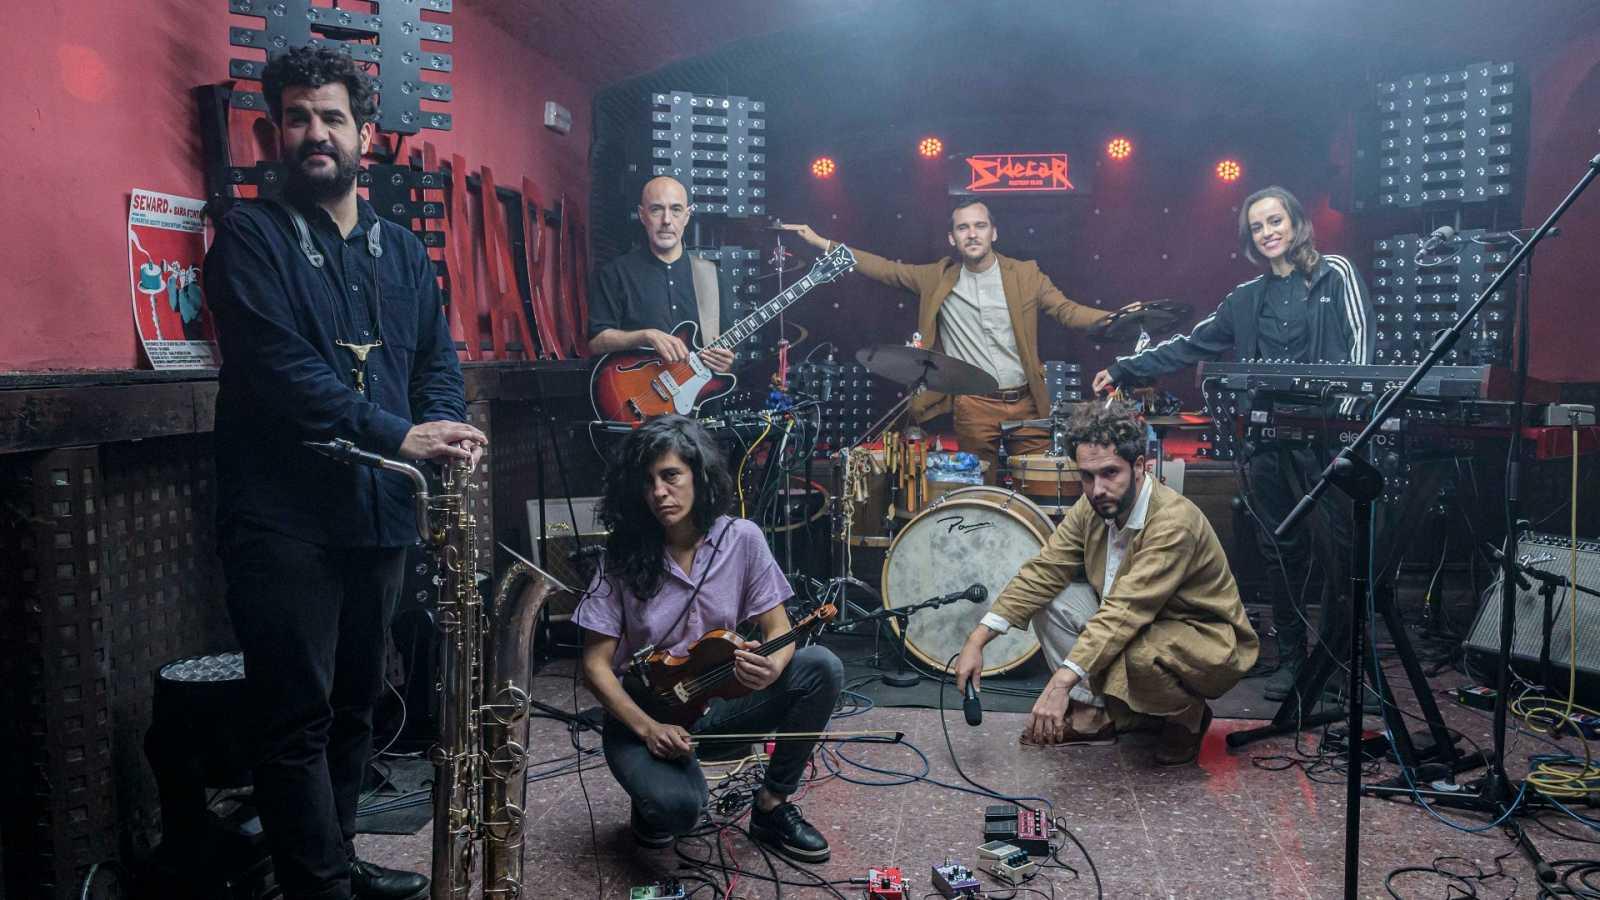 Foto de família del grup a l'escenari de la sala Sidecar